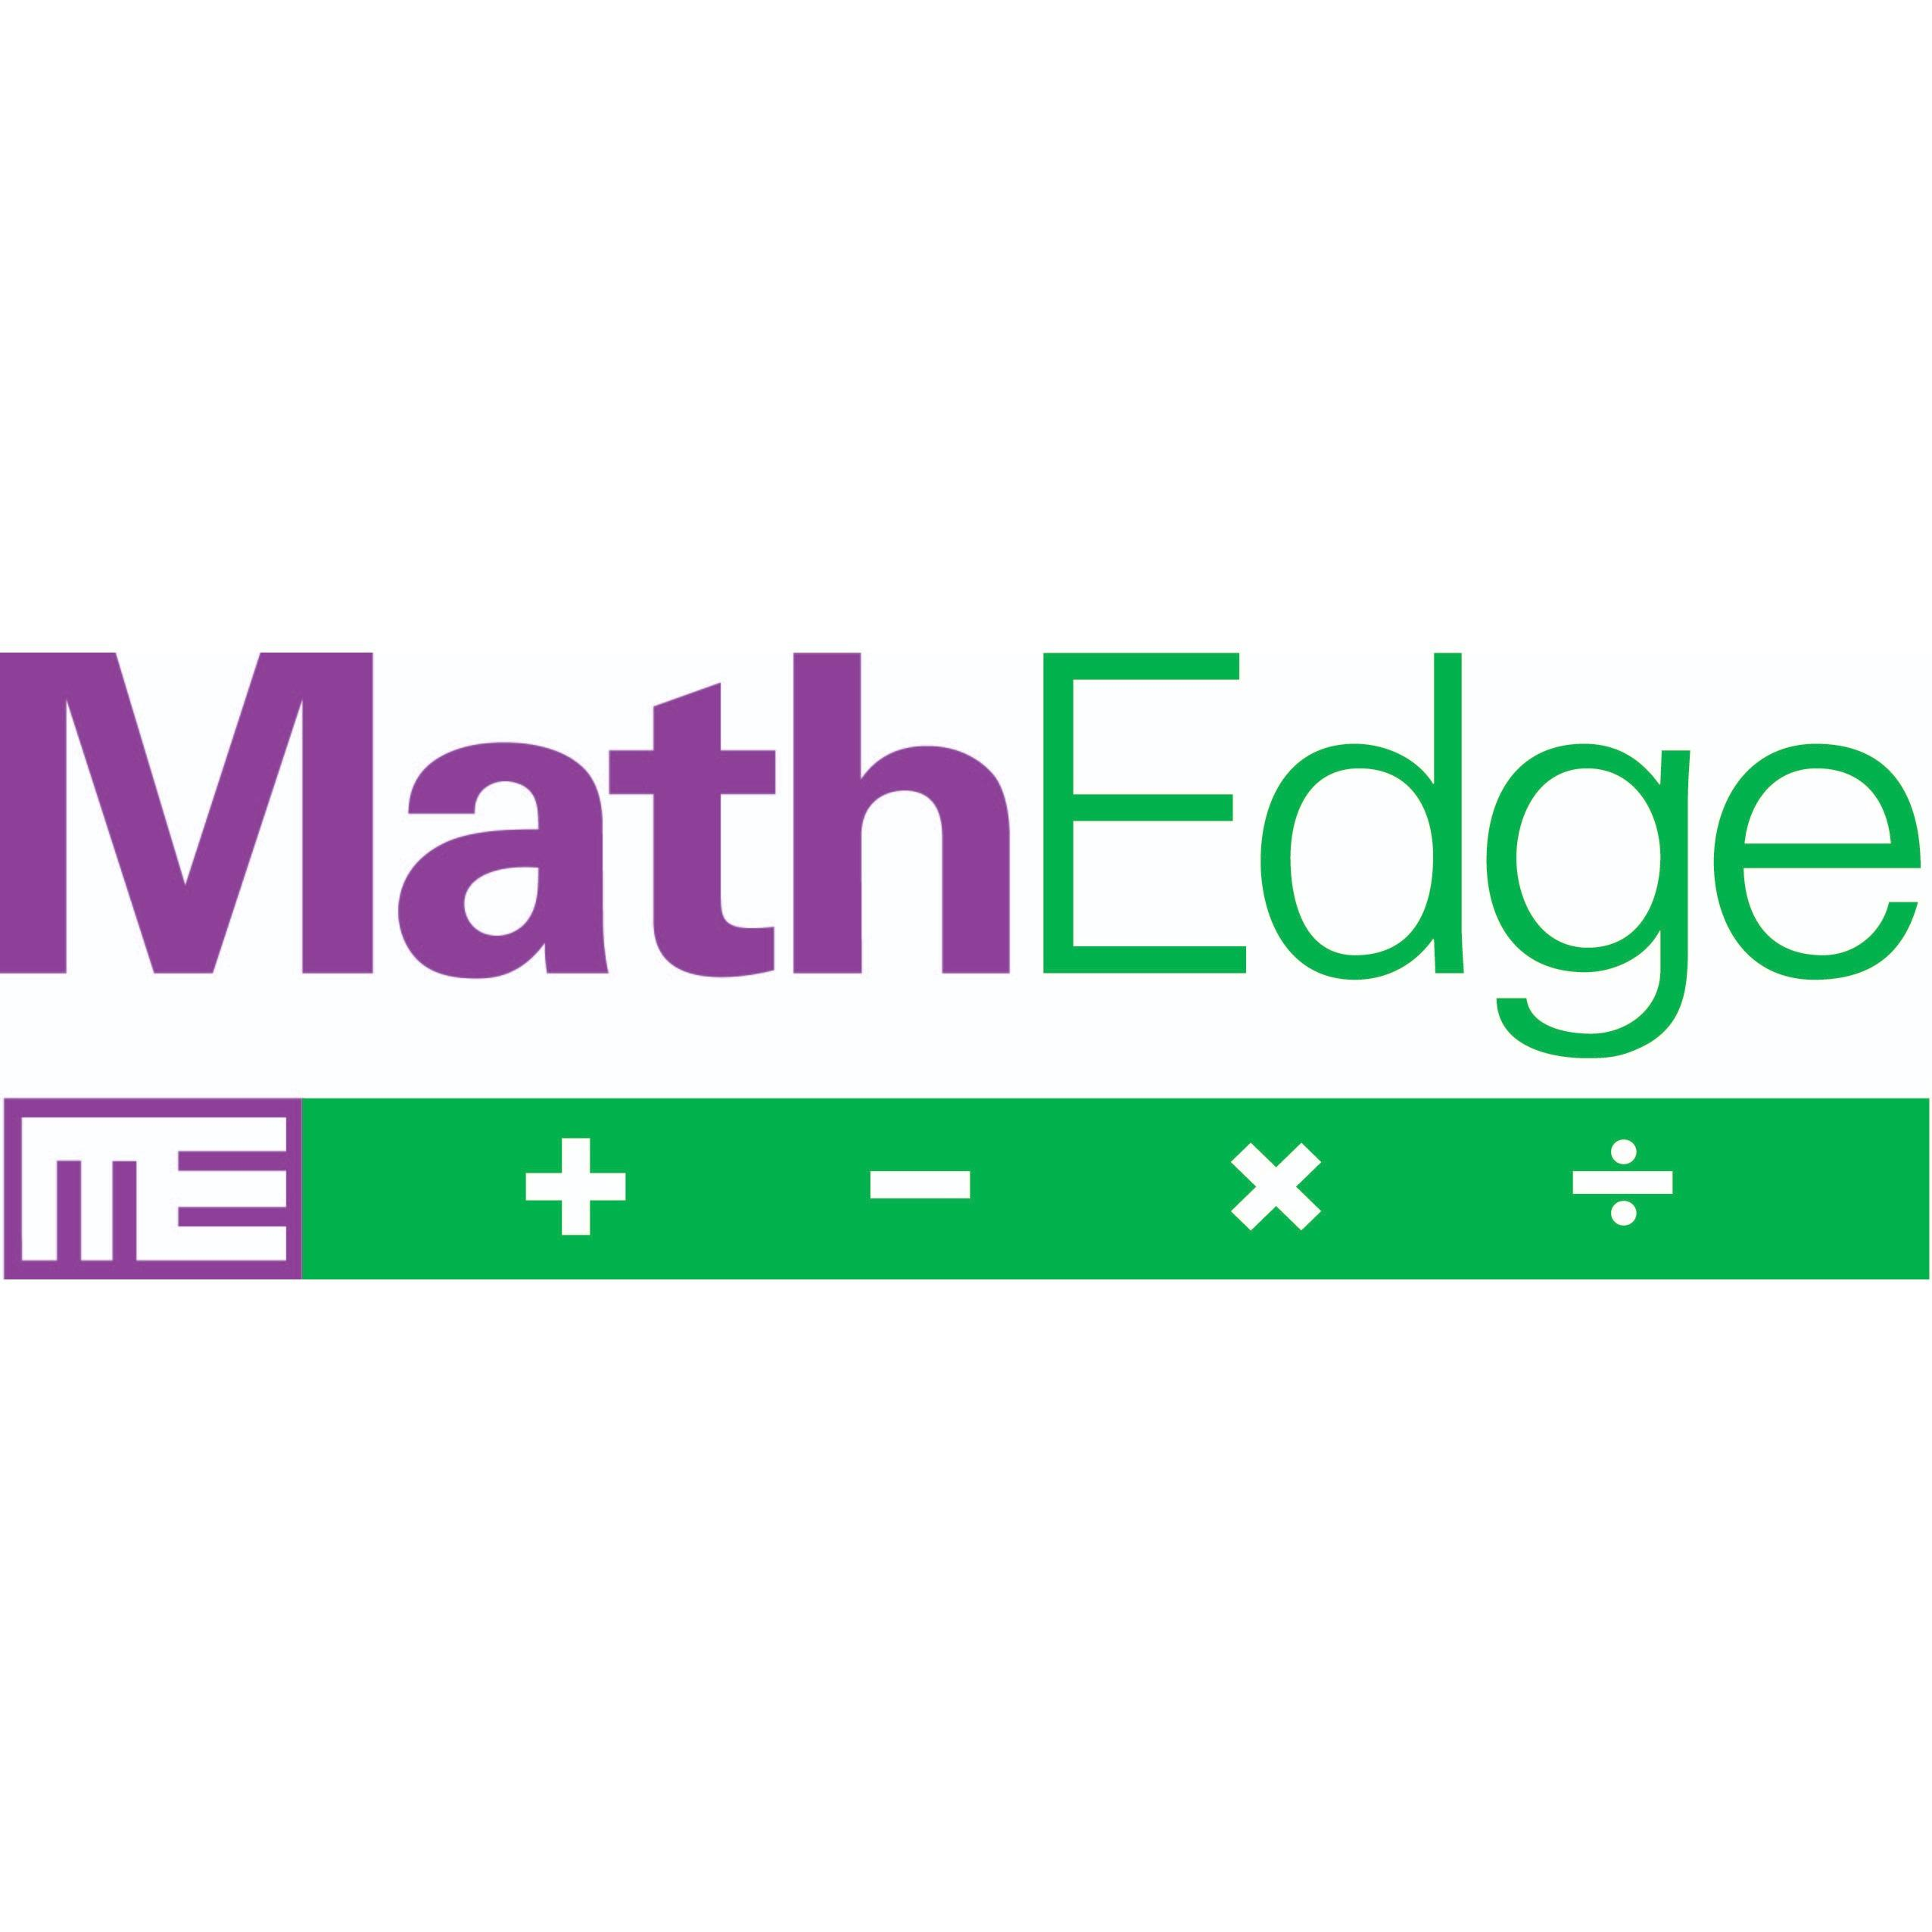 Mathedge of Fremont image 1